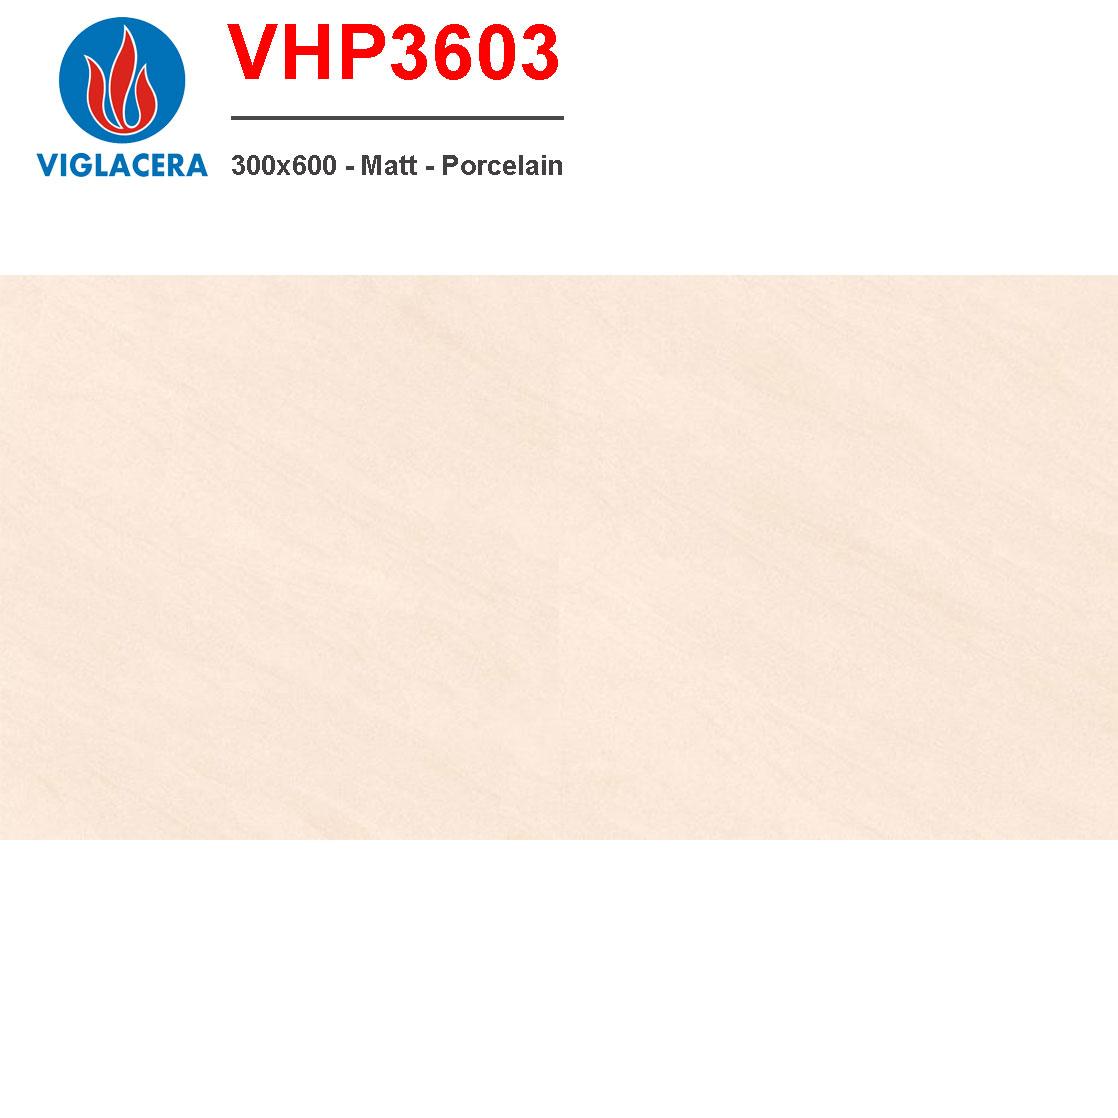 Gạch ốp tường Viglacera VHP3603 giá rẻ